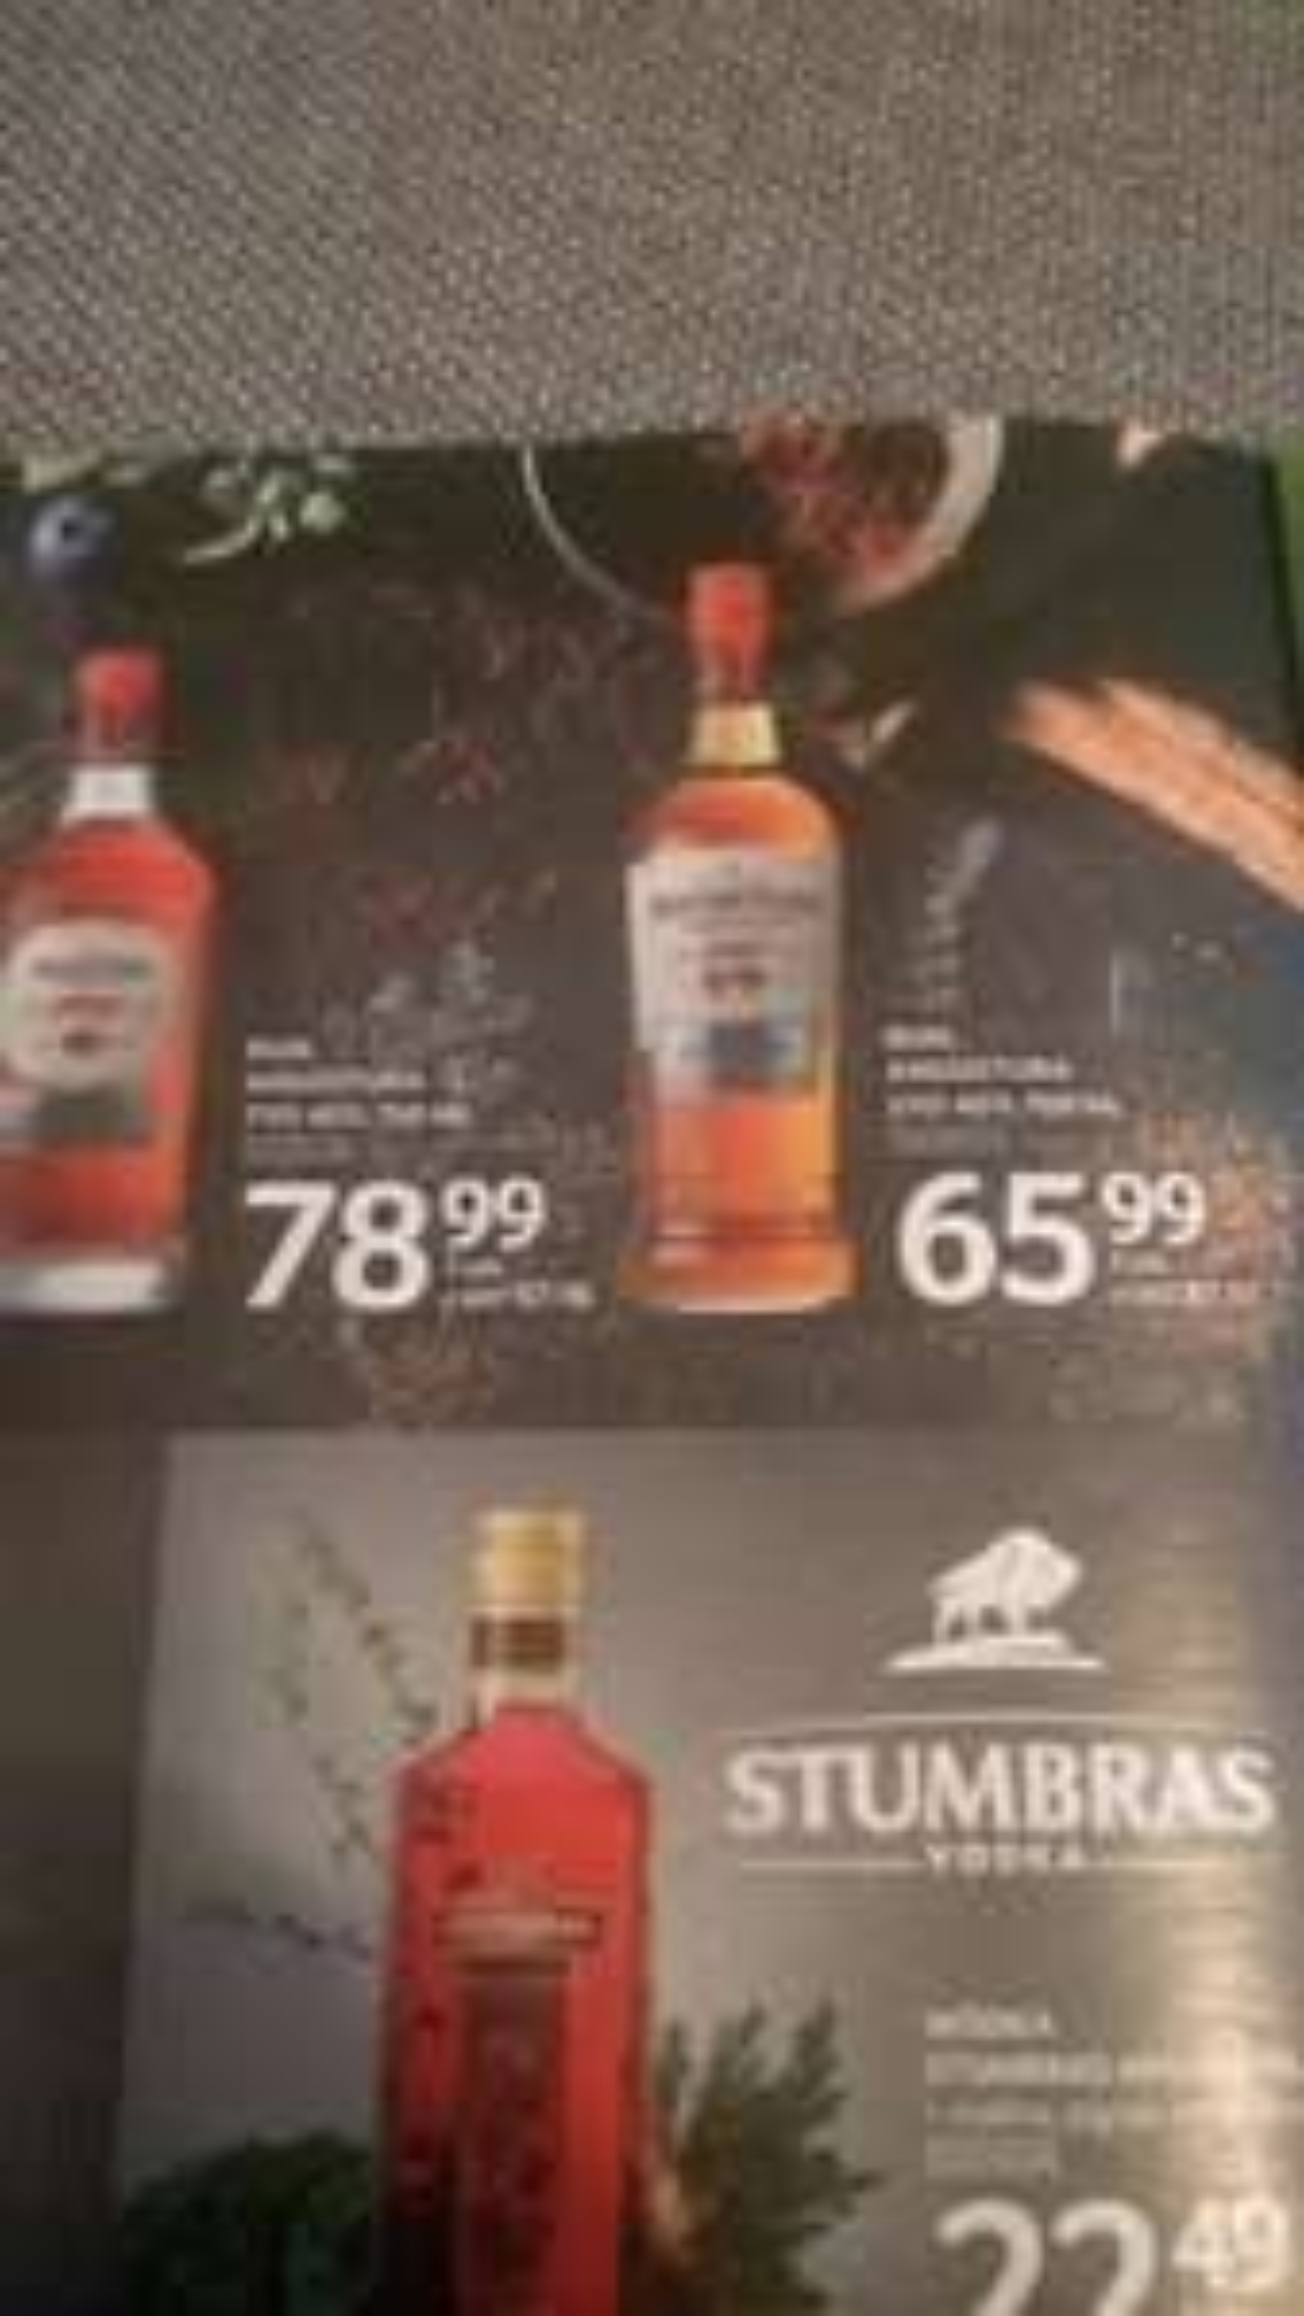 Rum Angostura 5 0,7l w Selgros. Cena przeliczona na detal.